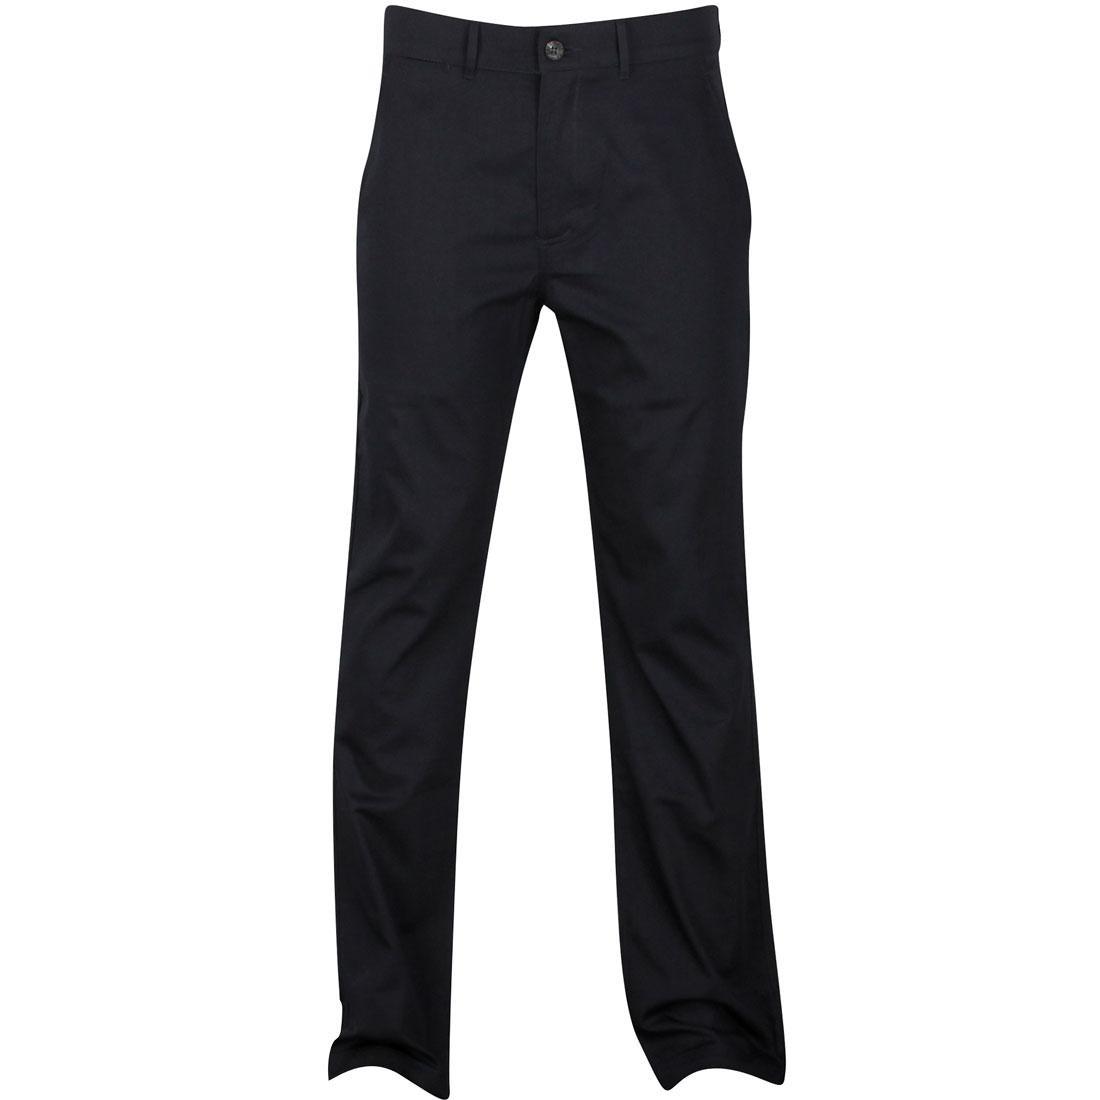 チノ 【 BAIT BASICS CHINO PANTS NAVY 】 メンズファッション ズボン パンツ 送料無料